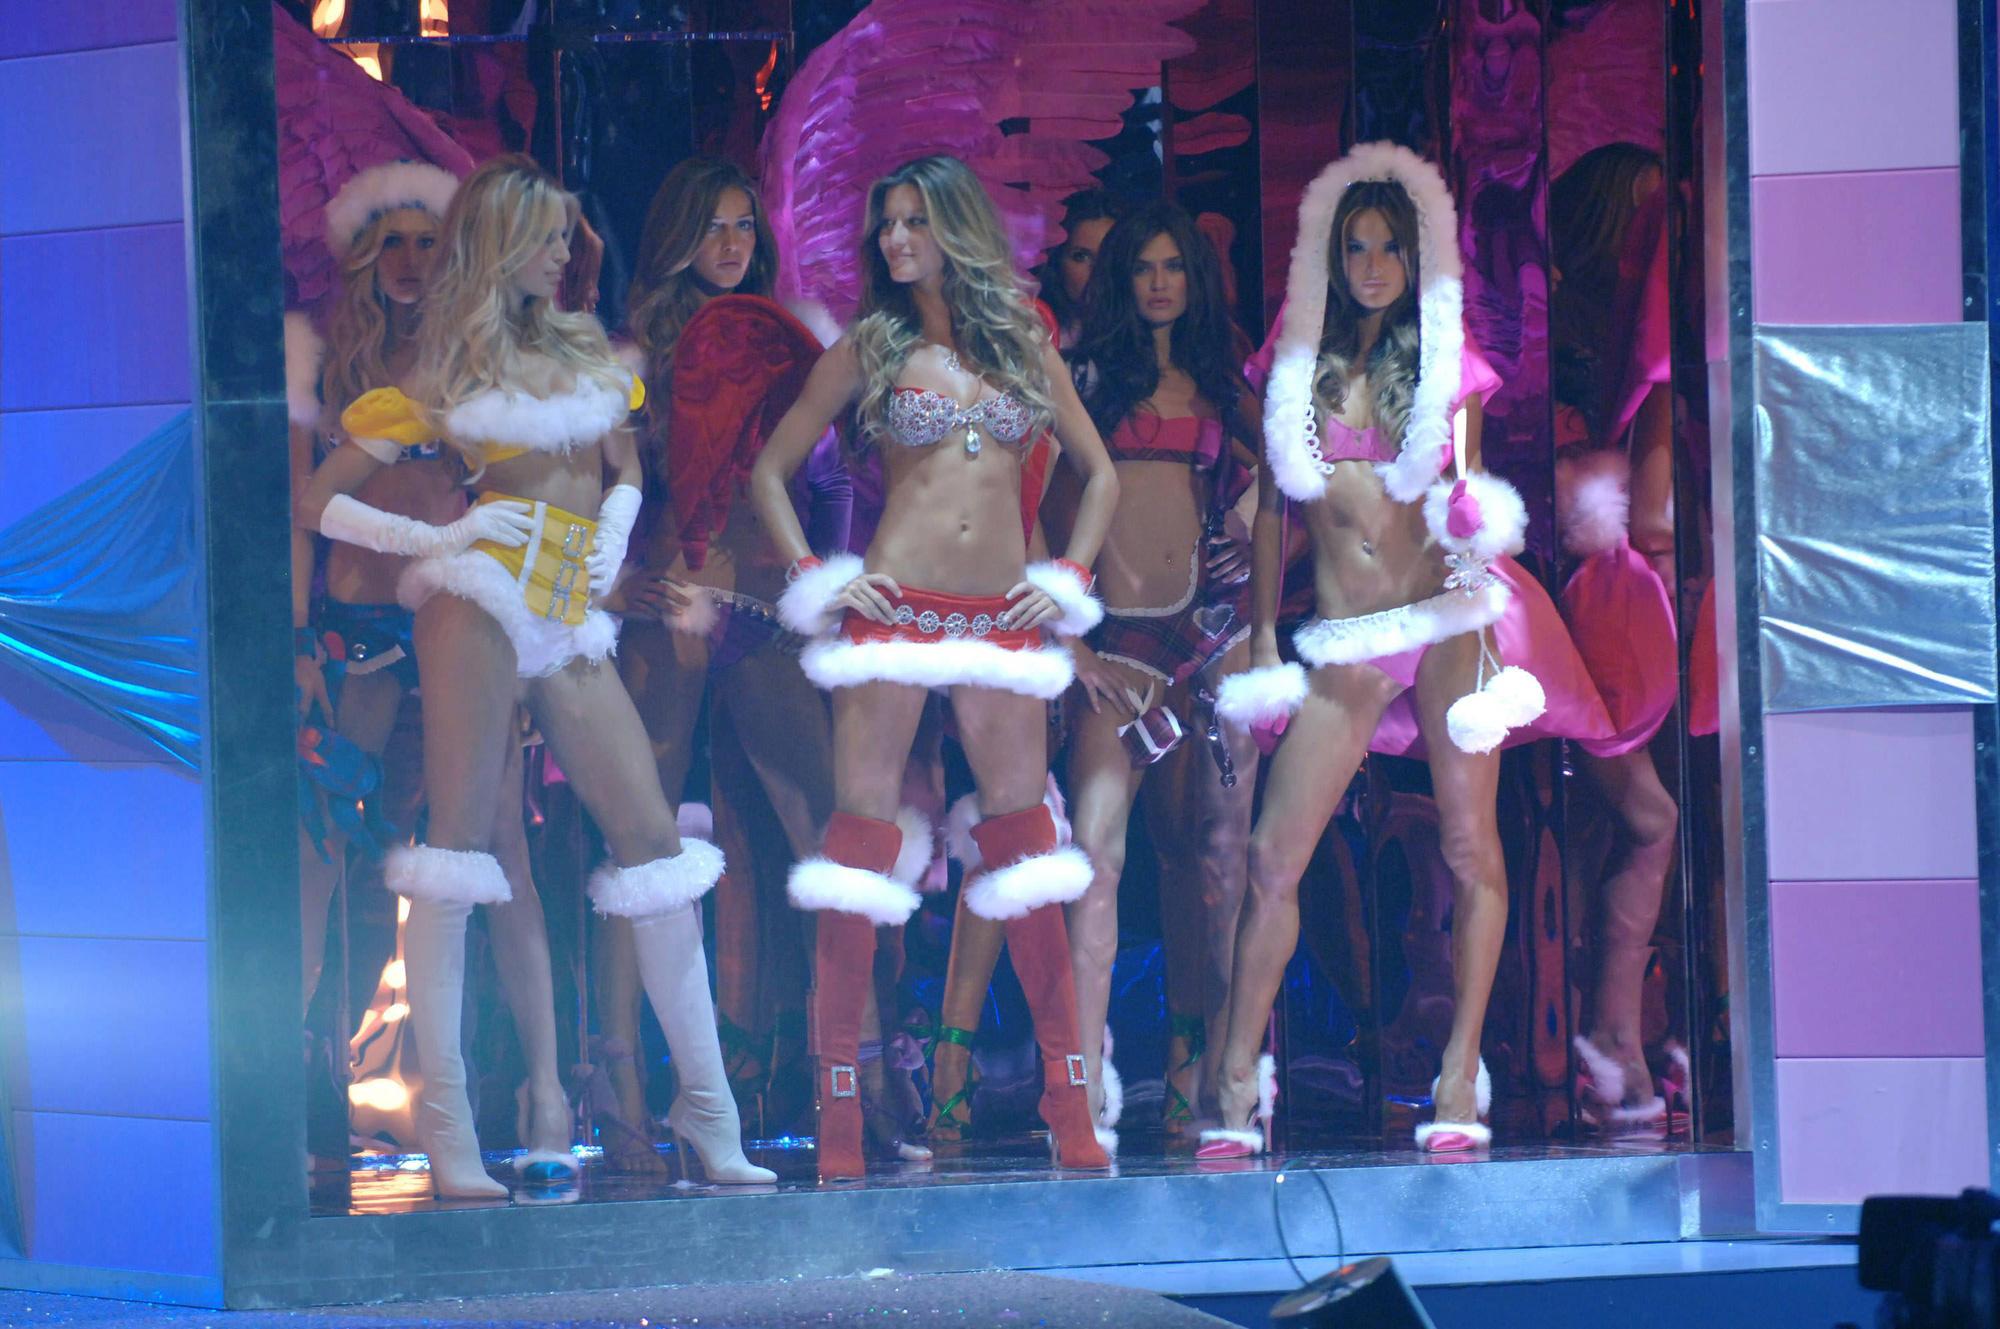 Loạt khoảnh khắc lịch sử của Victorias Secret Fashion Show: Từ sexy, thần tiên đến choáng ngợp đều có đủ, ai xem cũng khó mà kìm lòng - Ảnh 9.